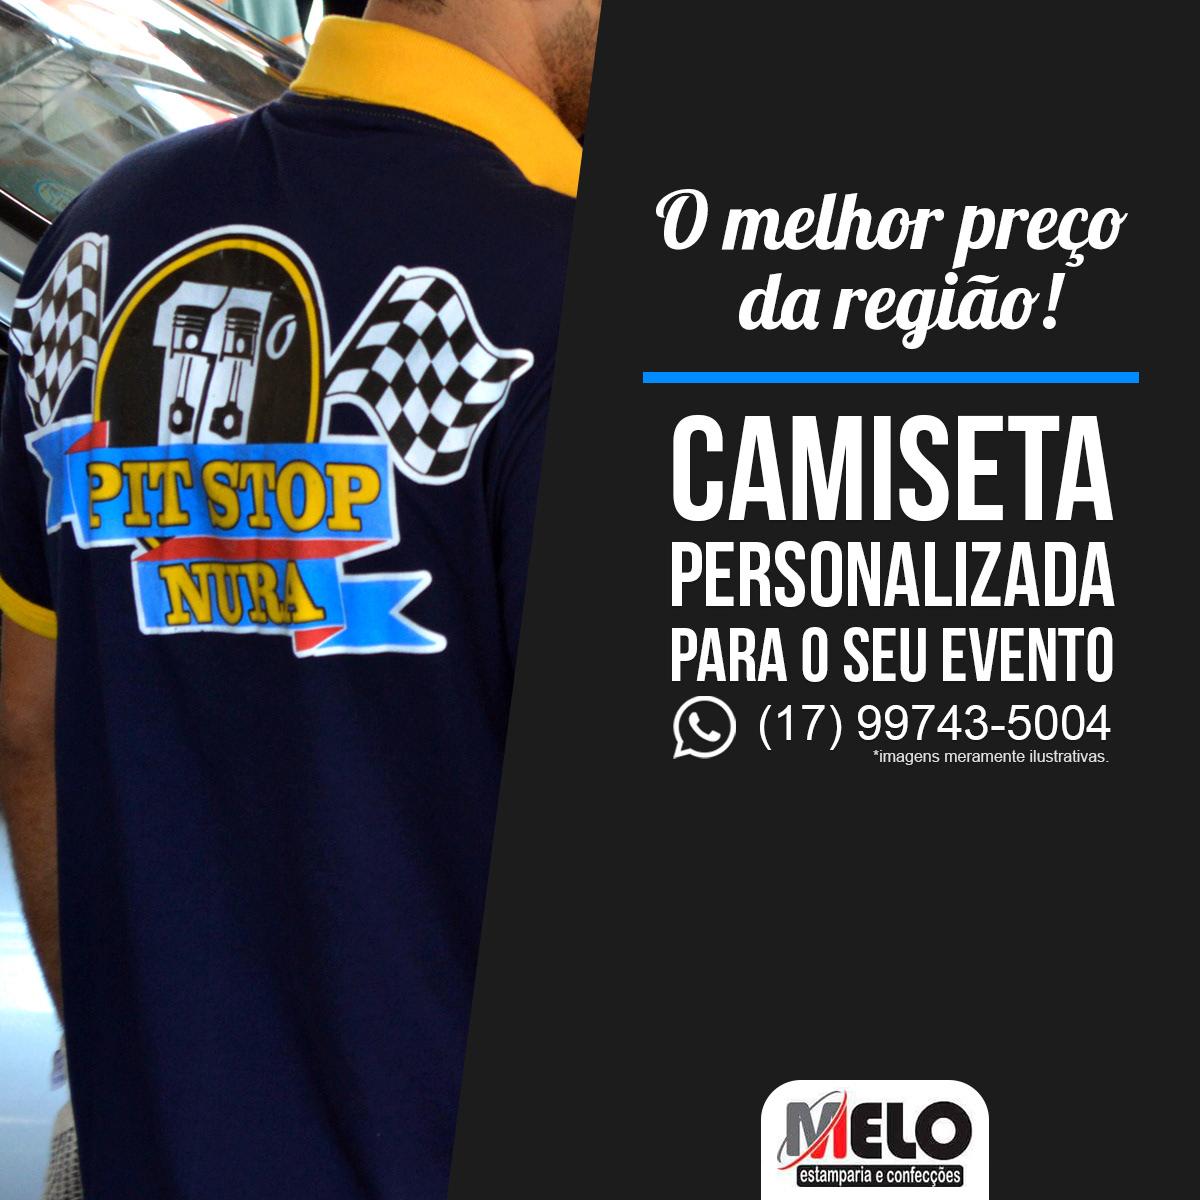 779a62e803 Mídia Social - Melo Estamparia e Confecções on Behance